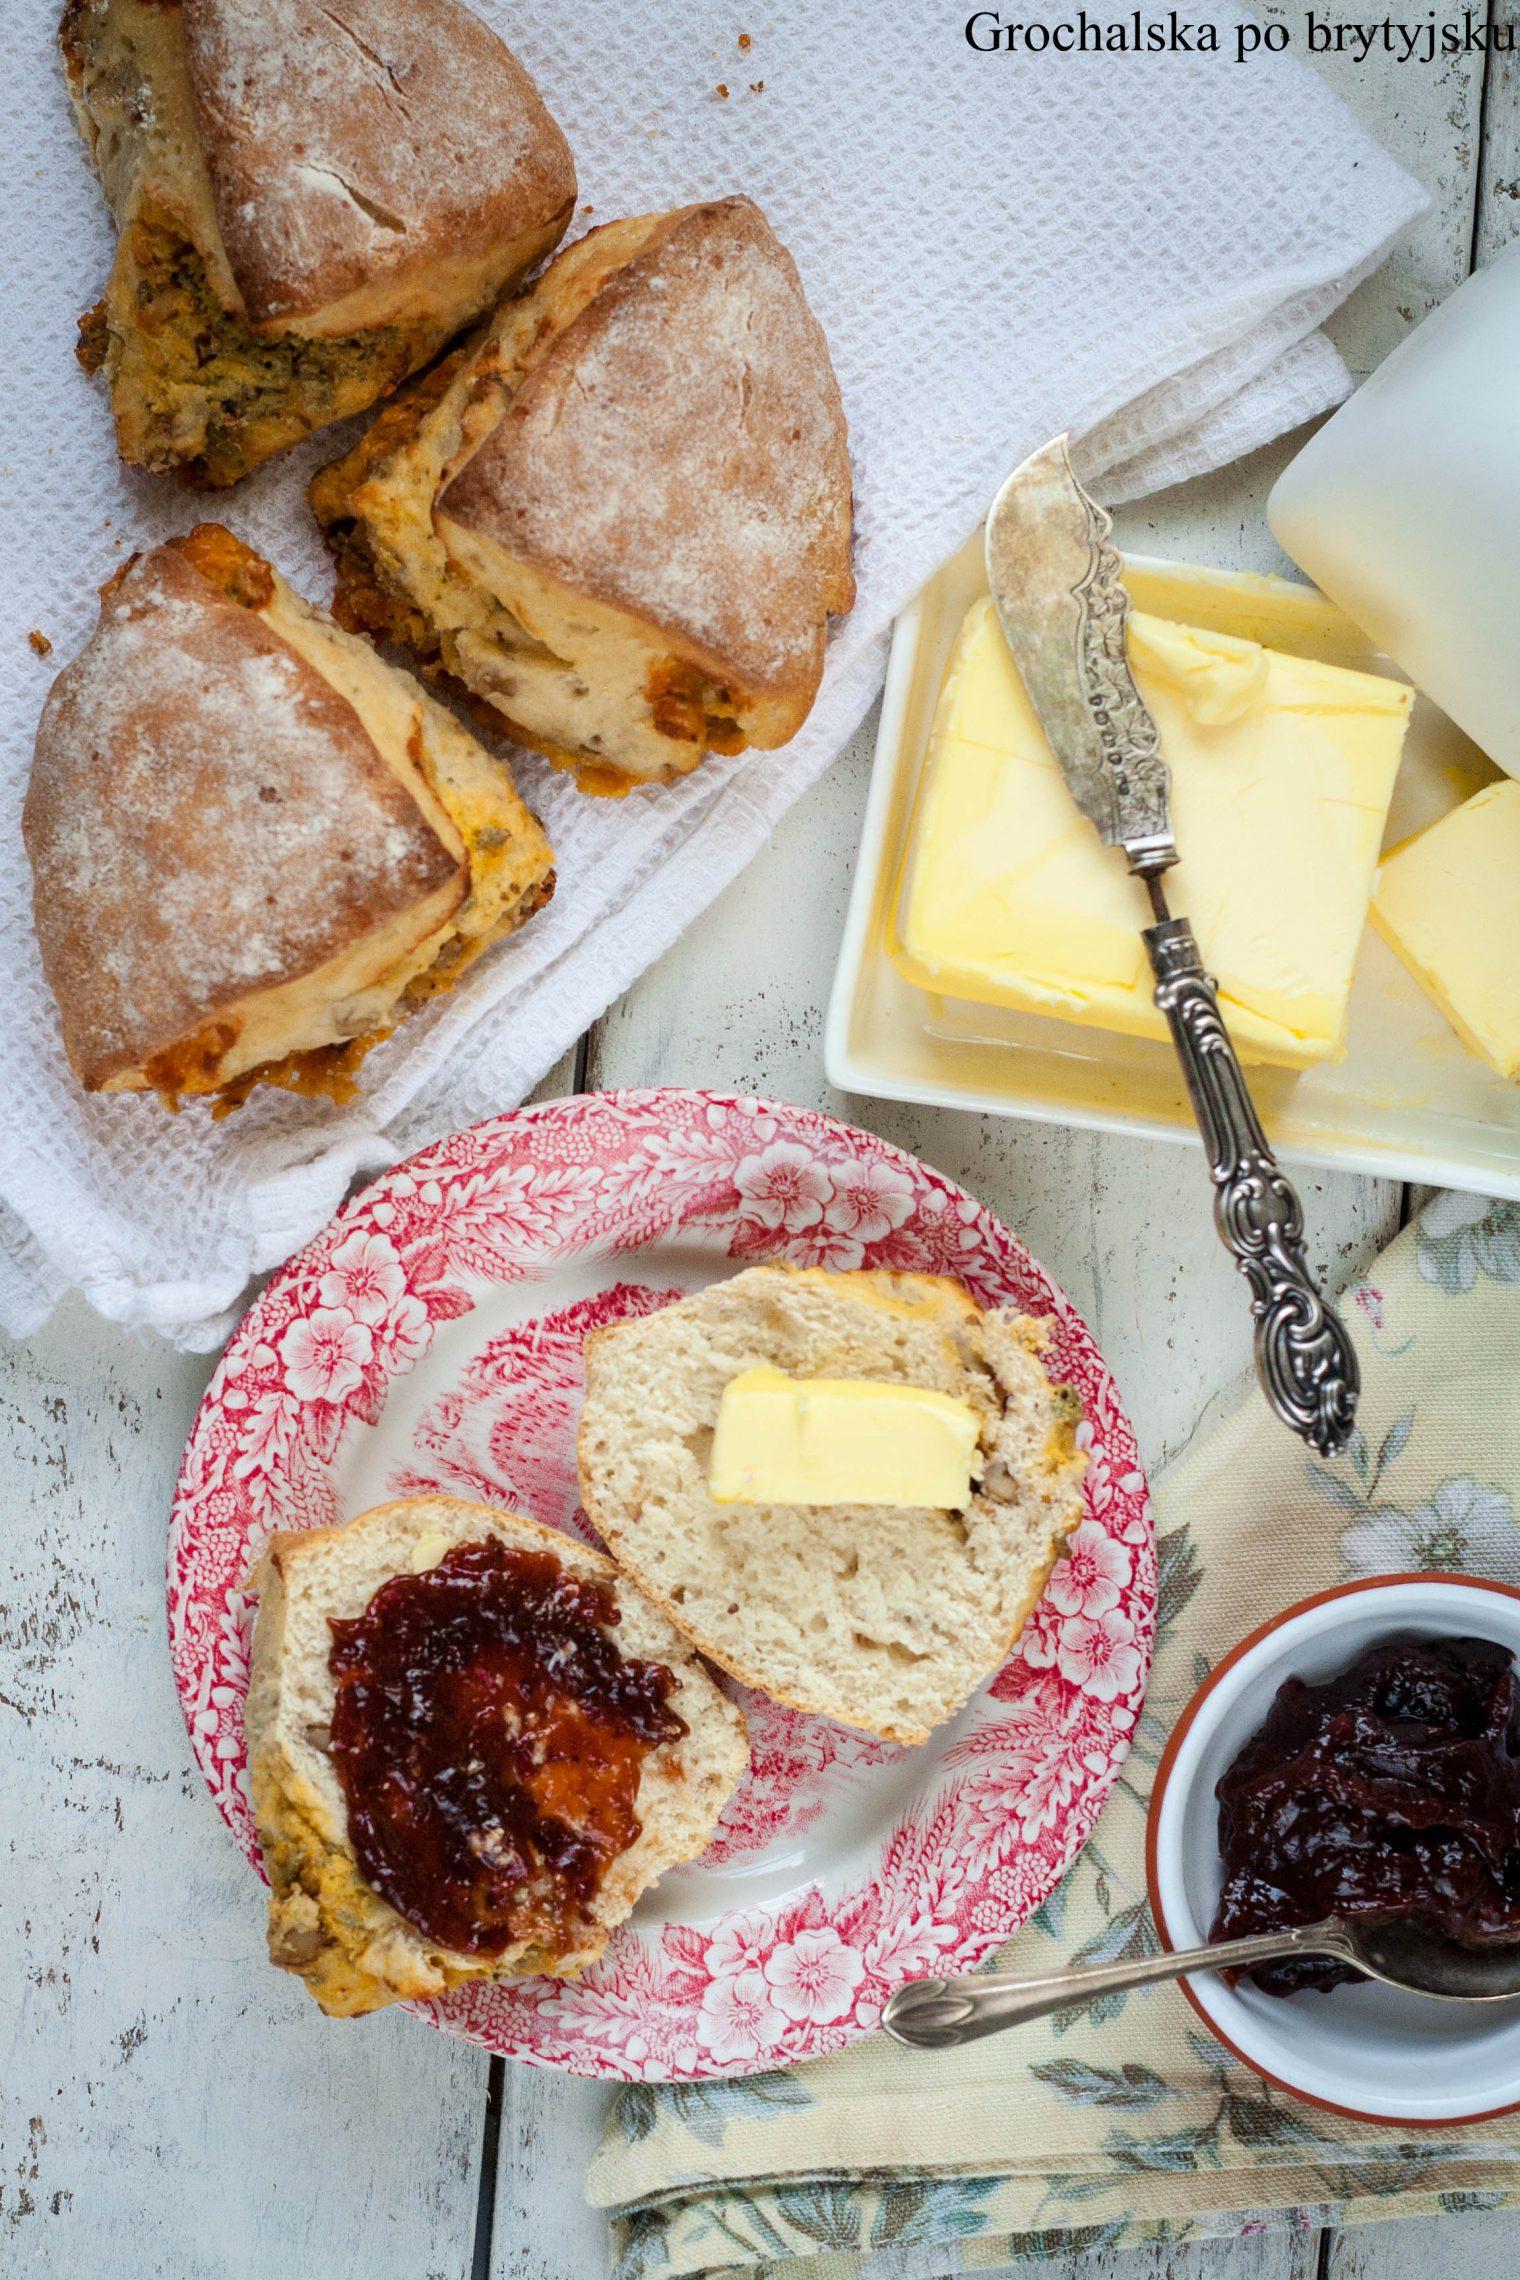 Grochalska po brytyjsku: sconesy z niebieskim serem i orzechami